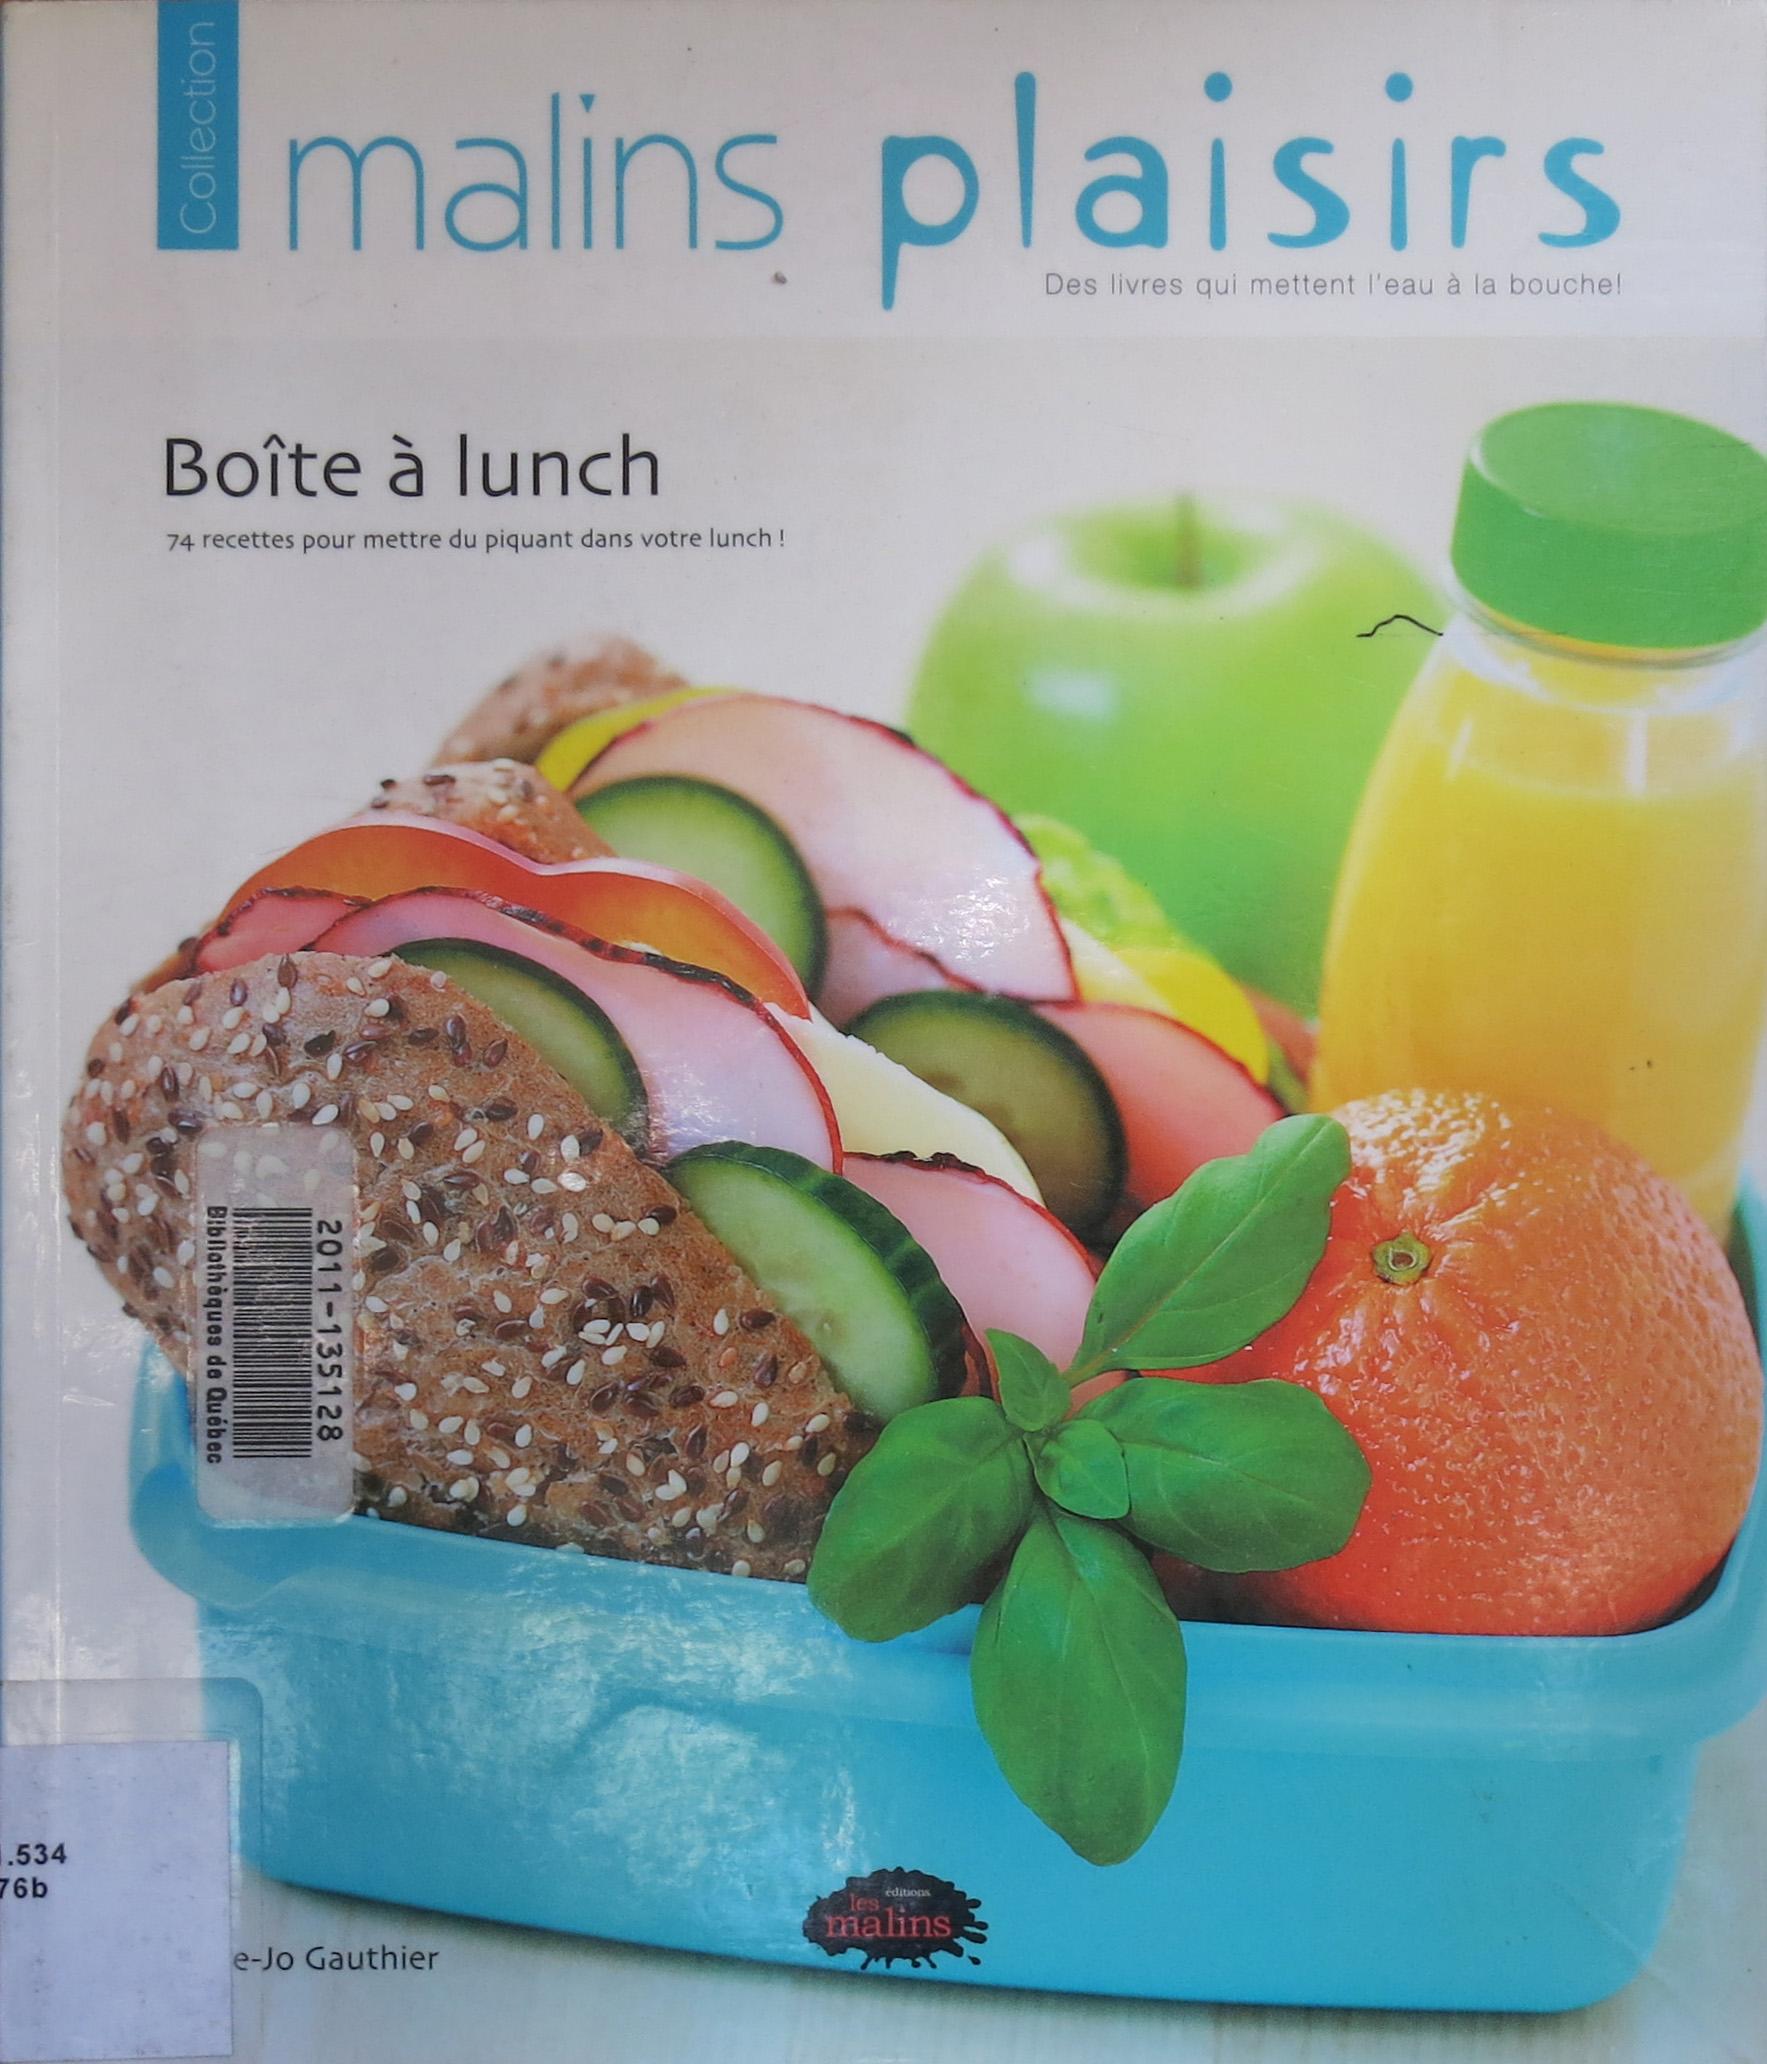 Collection Malins Plaisirs: Boîte à lunch, par Marie-Jo Gauthier